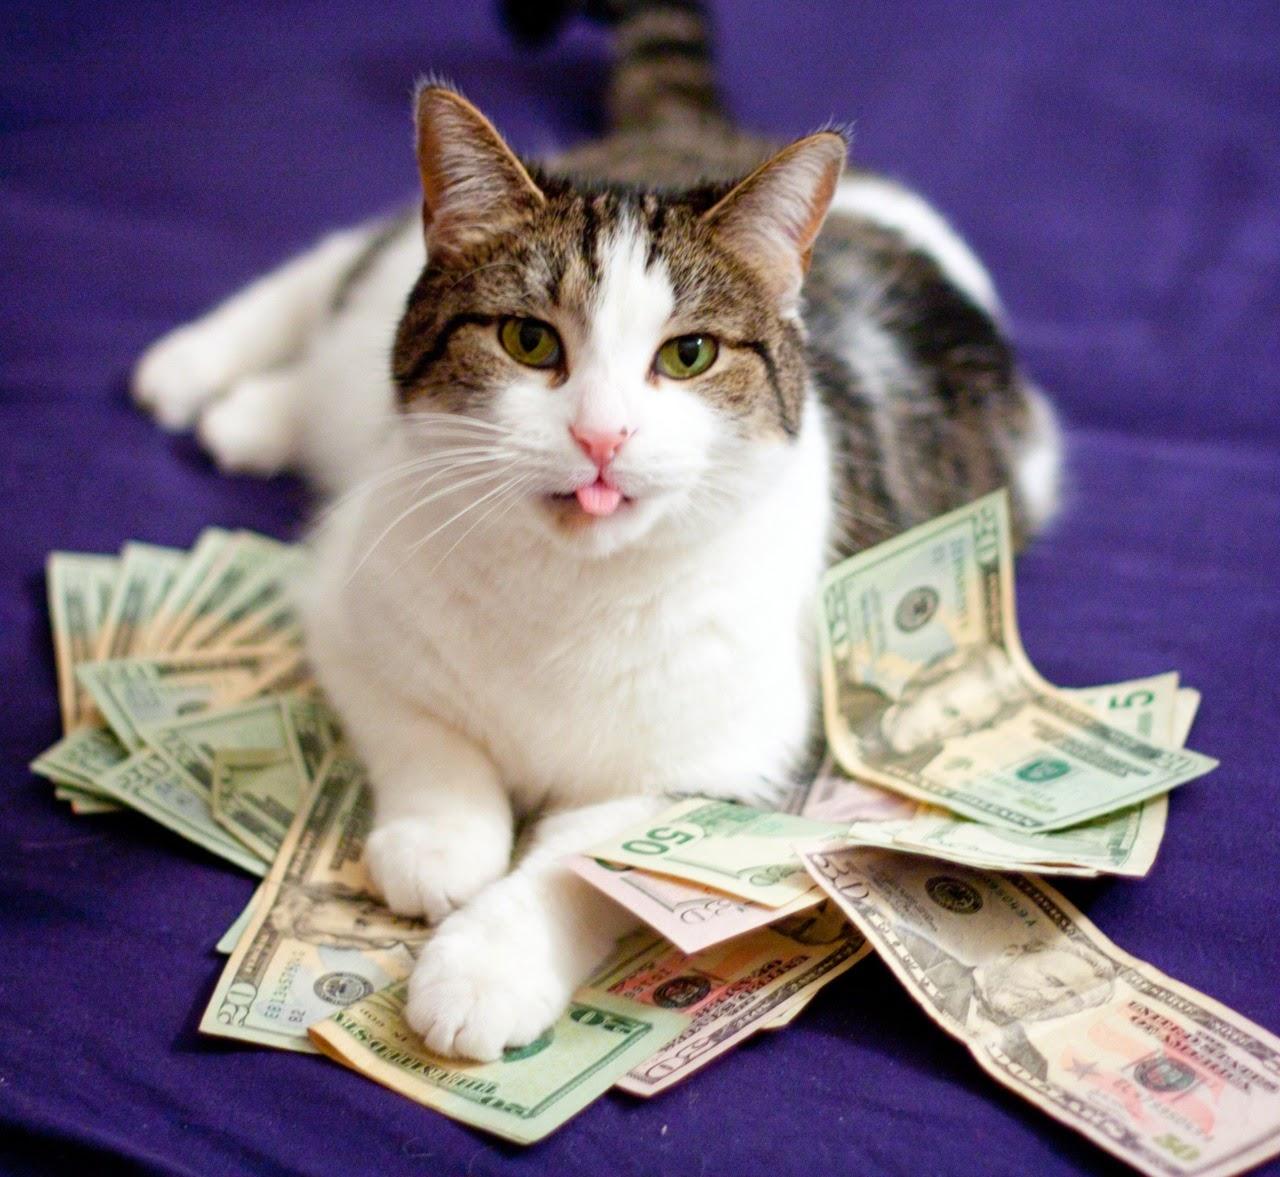 Money cats